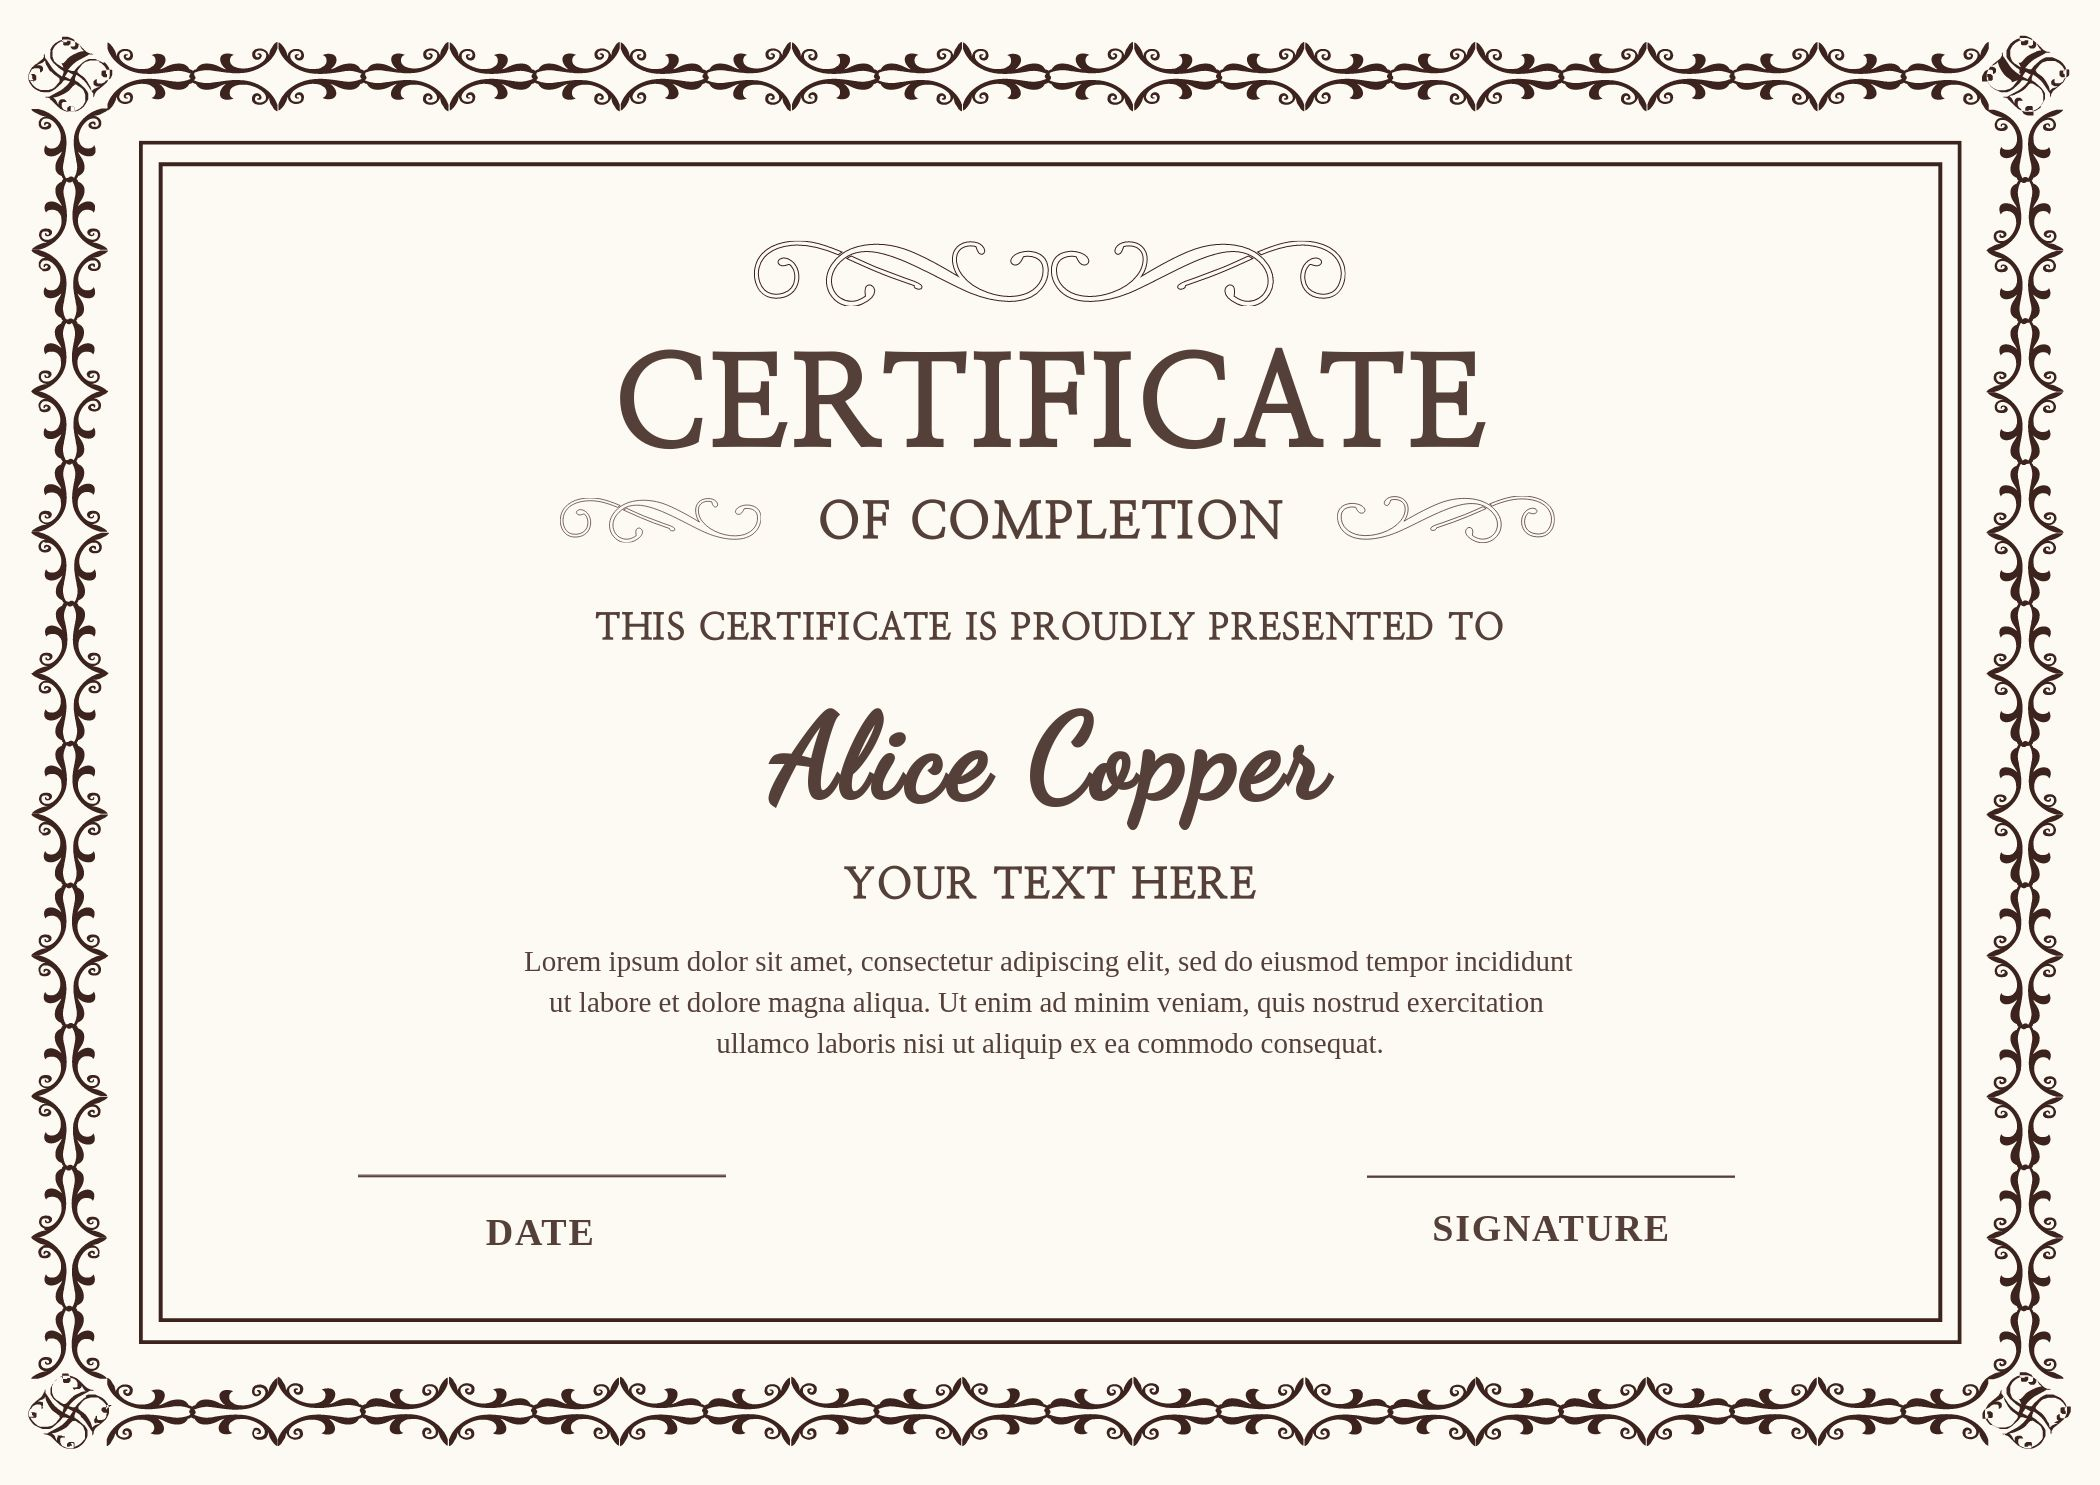 School Certificate Online Design Template